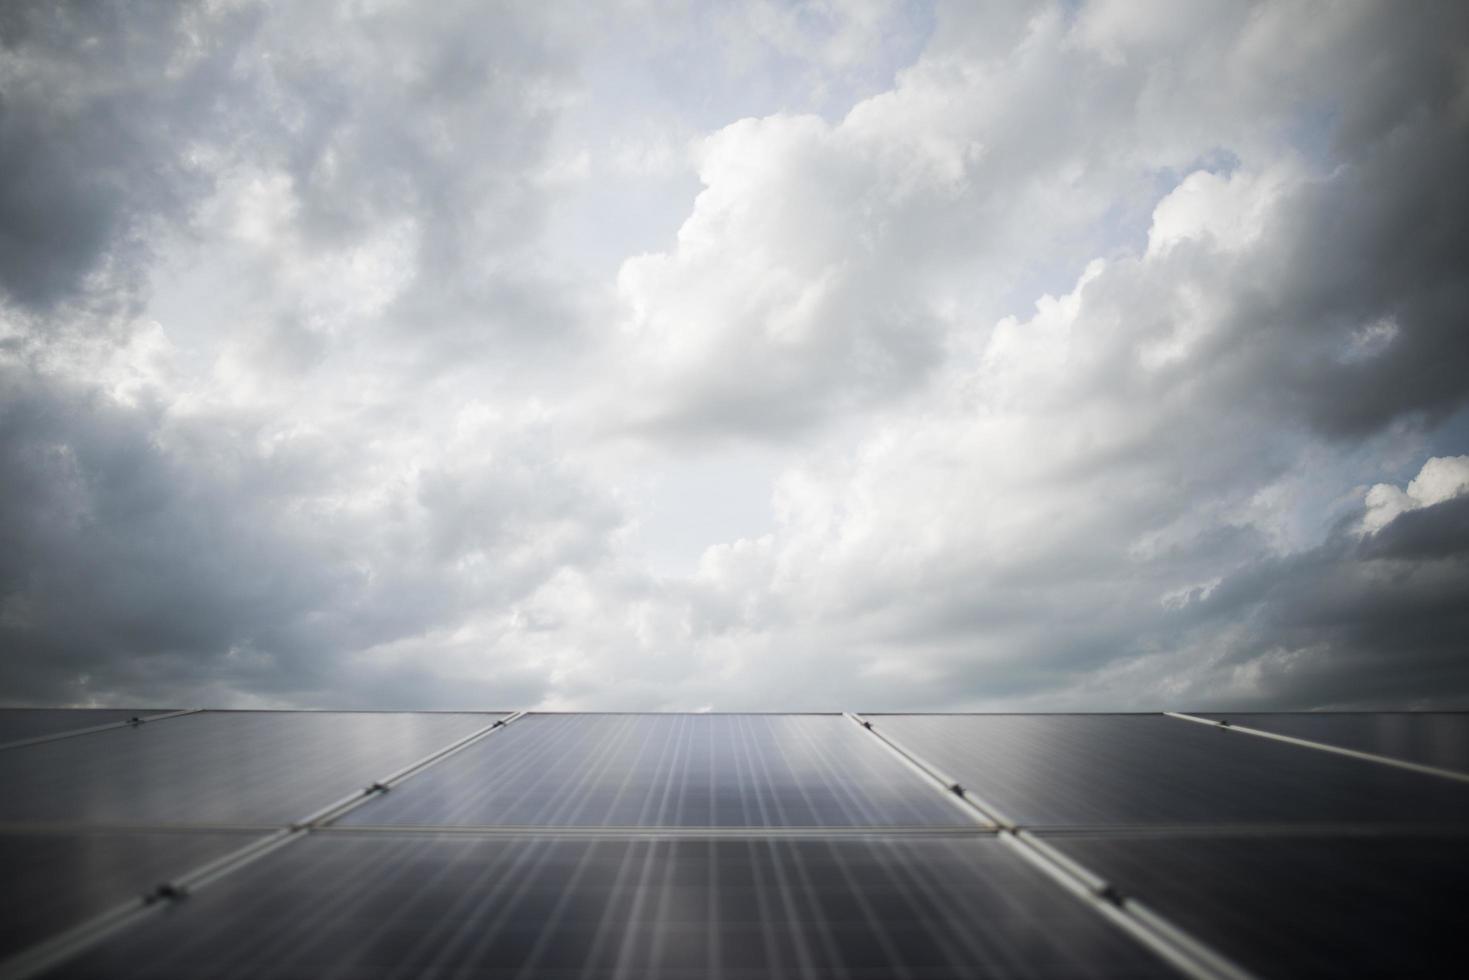 zonnecel boerderij krachtcentrale foto